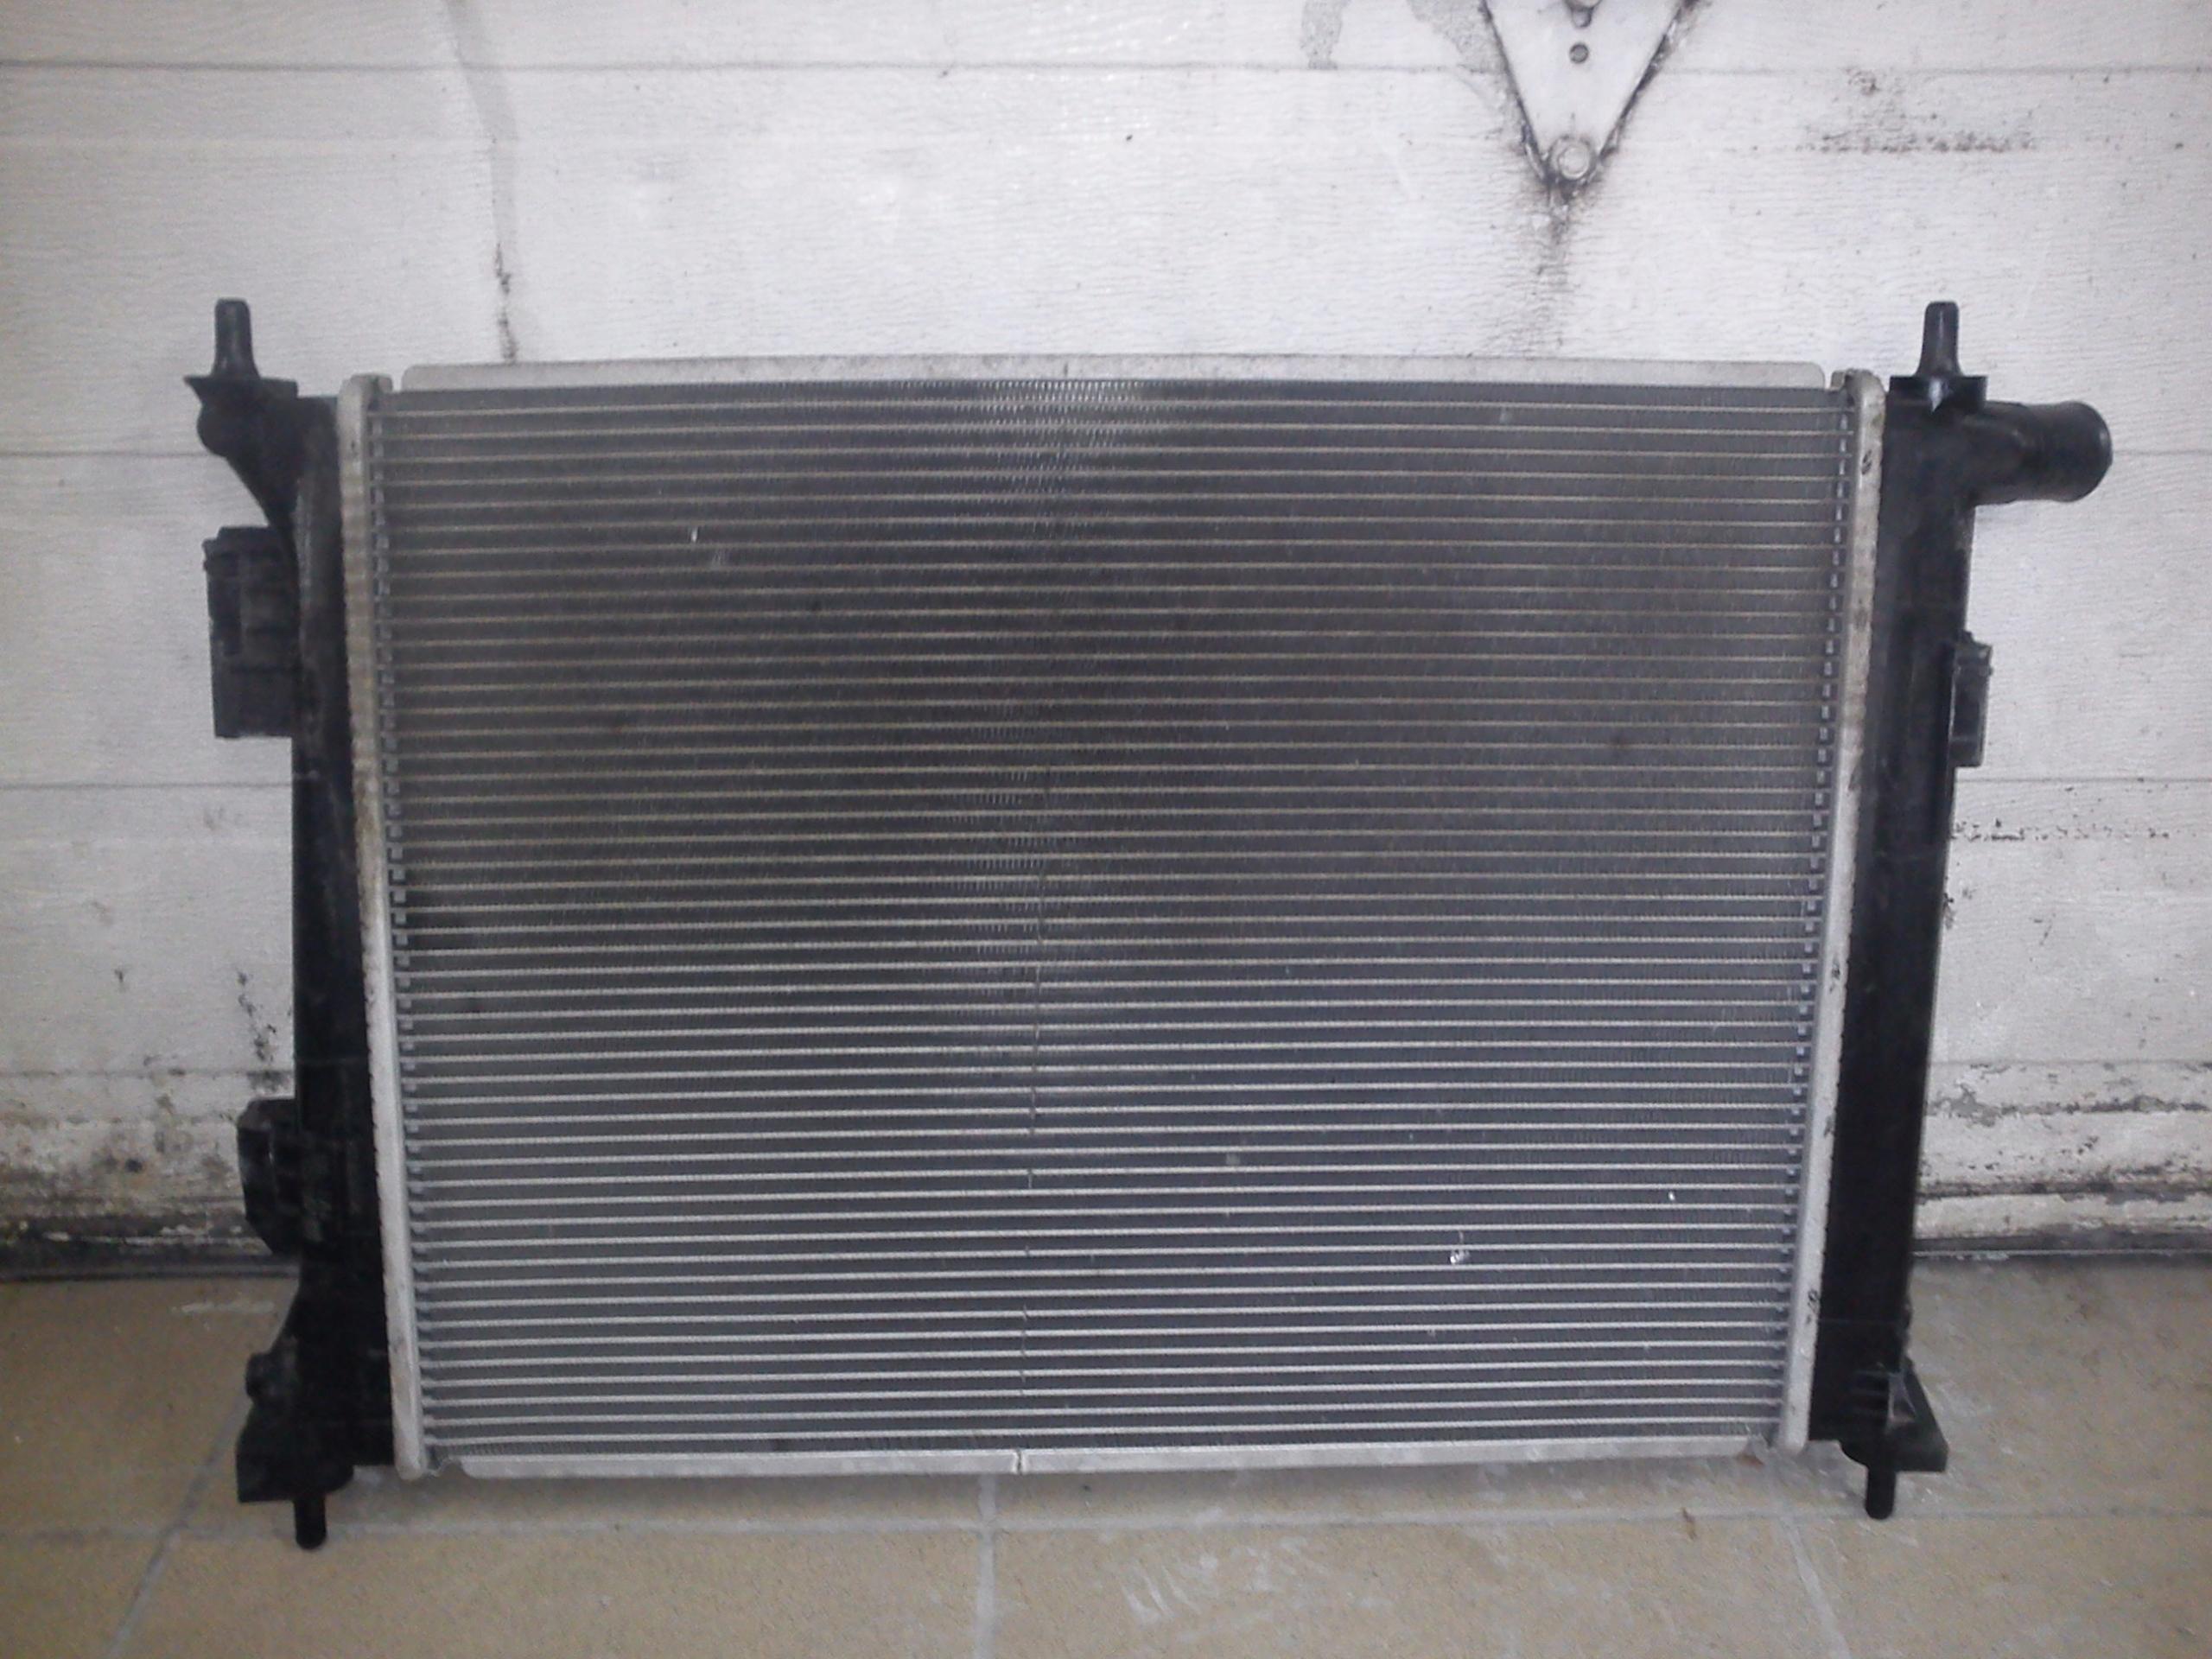 kia рио lift 15- радиатор воды 25310-1r